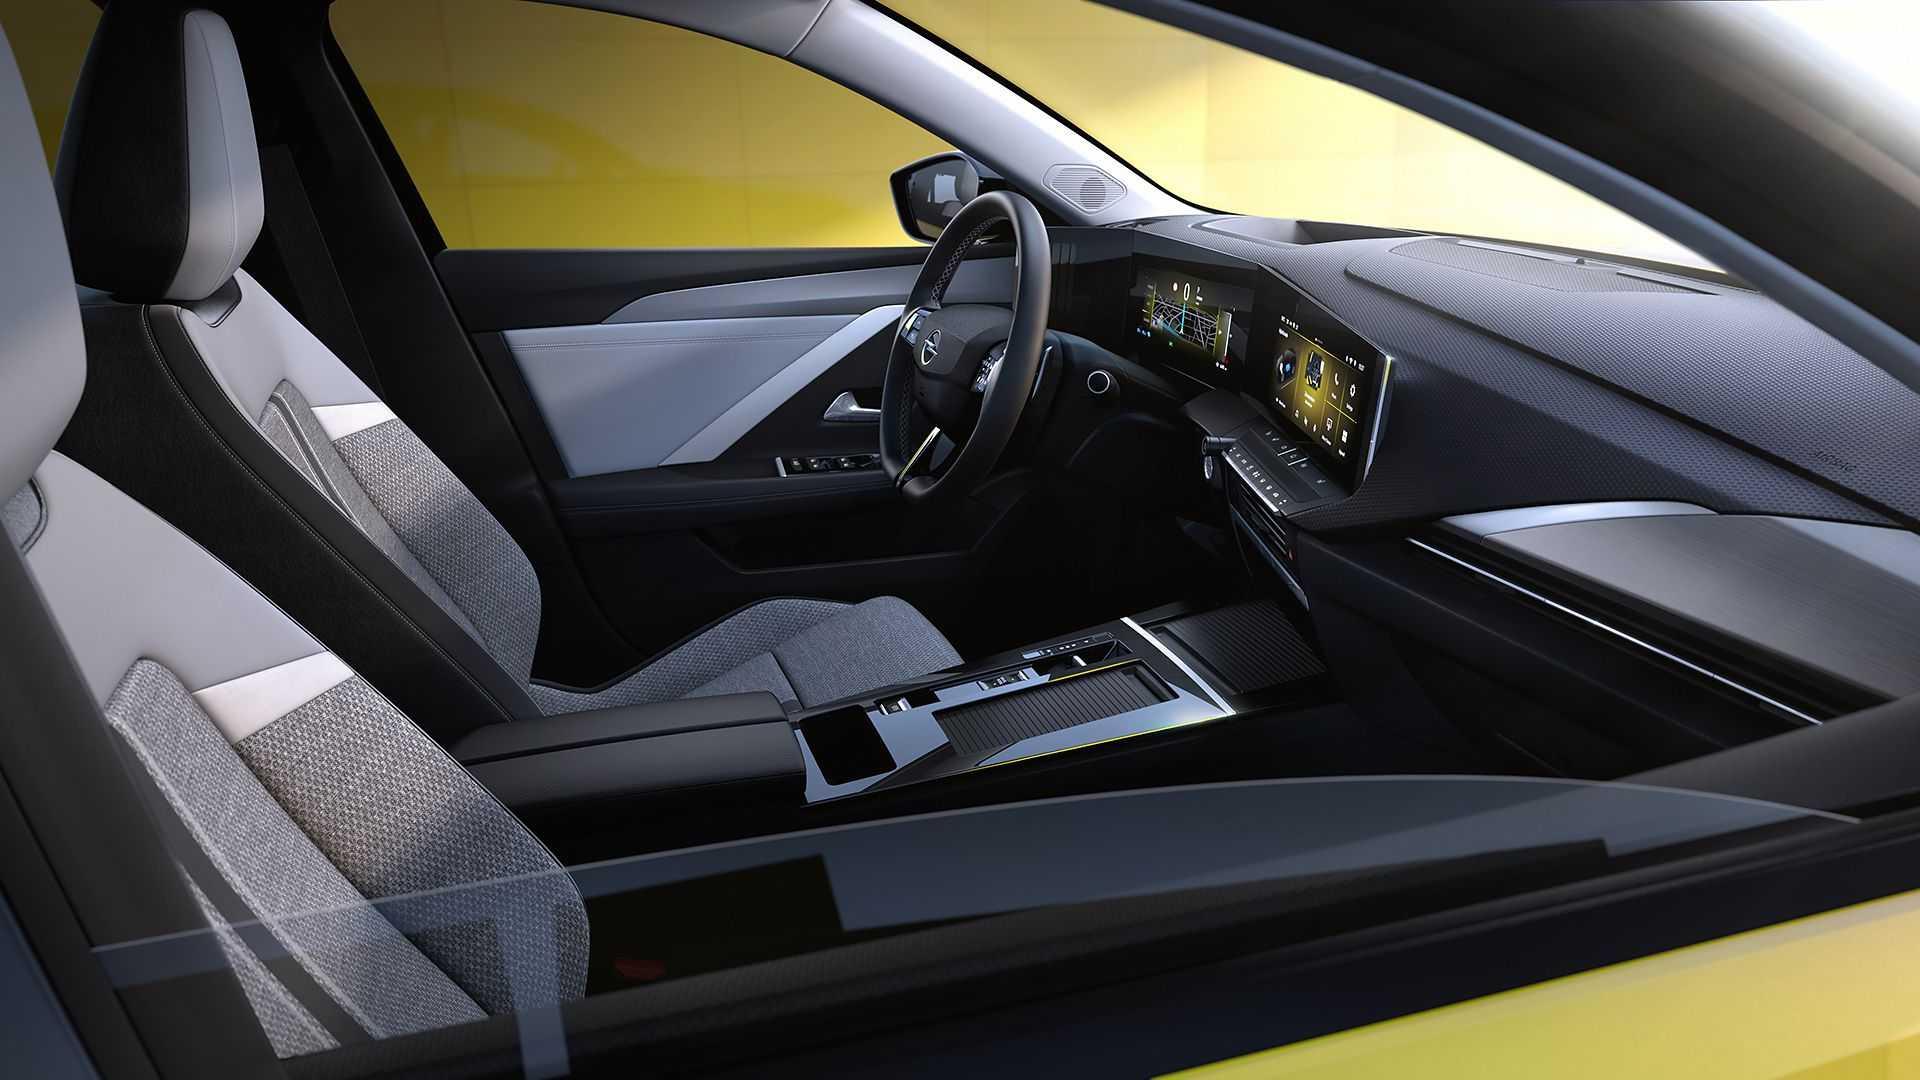 全新欧宝雅特发布 将首次新增插混车型